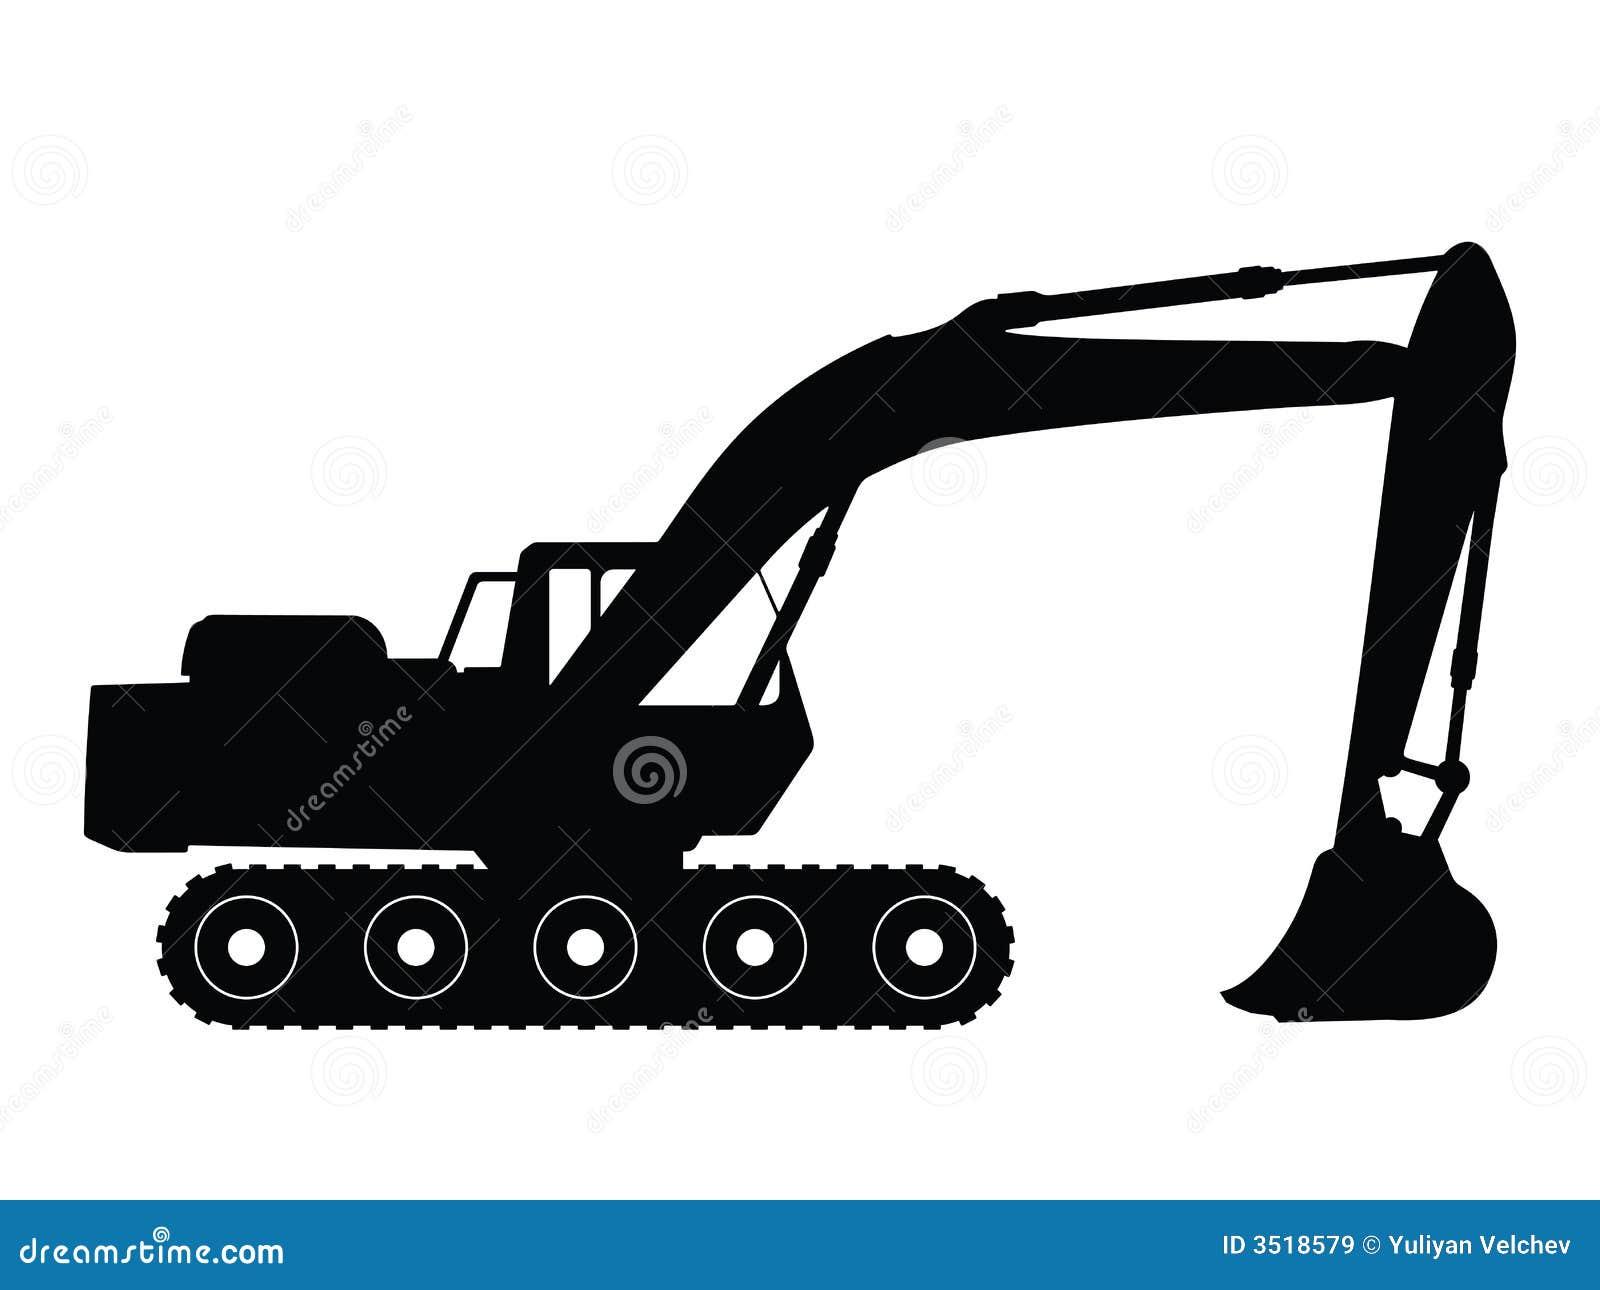 excavator stock vector illustration of illustration backhoe clipart black and white backhoe clip art png